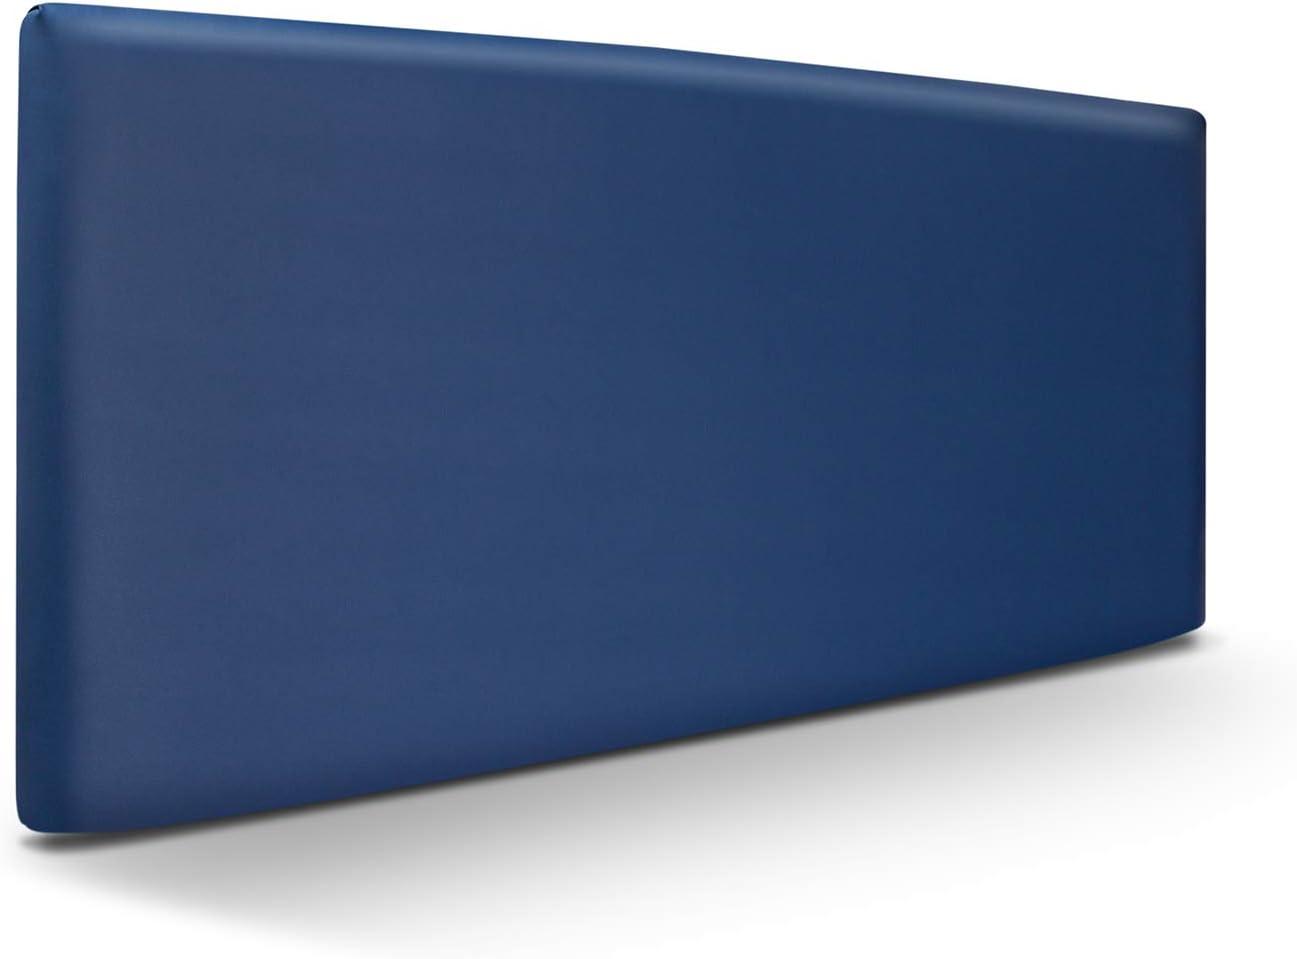 SUENOSZZZ-ESPECIALISTAS DEL DESCANSO Cabecero de Cama Liso tapizado en Polipiel para Camas de 90 (100 x 57 cm) Polipiel Azul